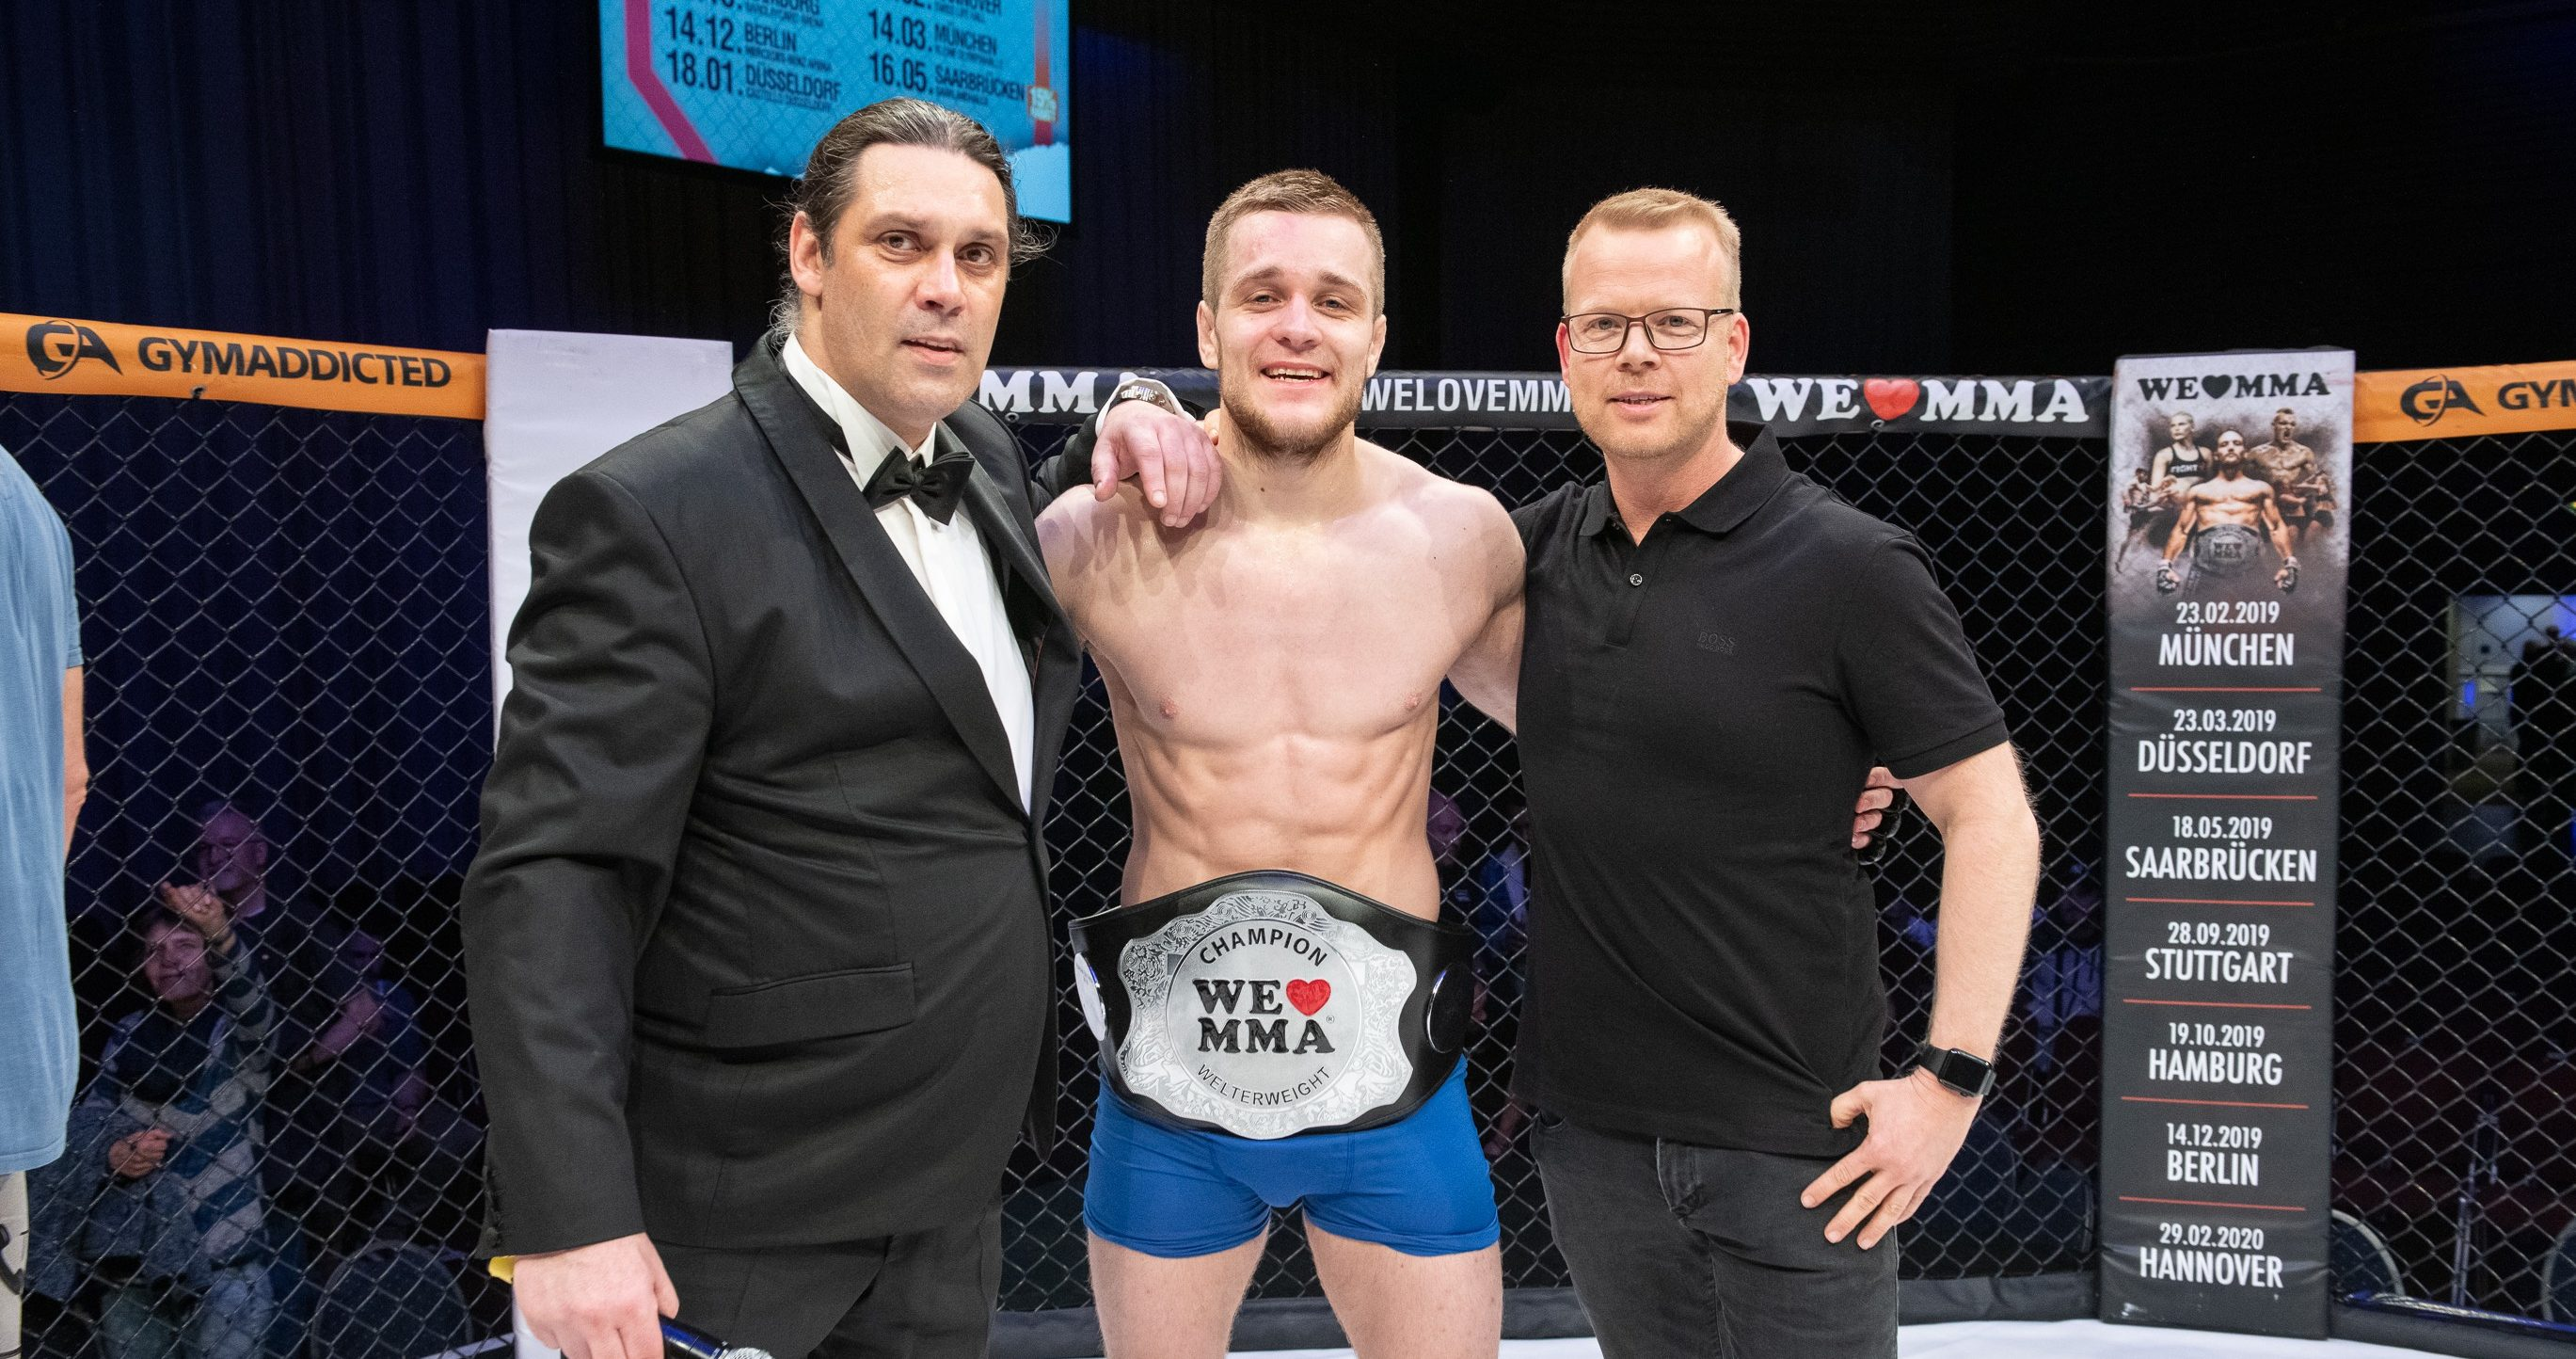 INTERVIEW: ADRIAN ZEITNER - WE LOVE MMA